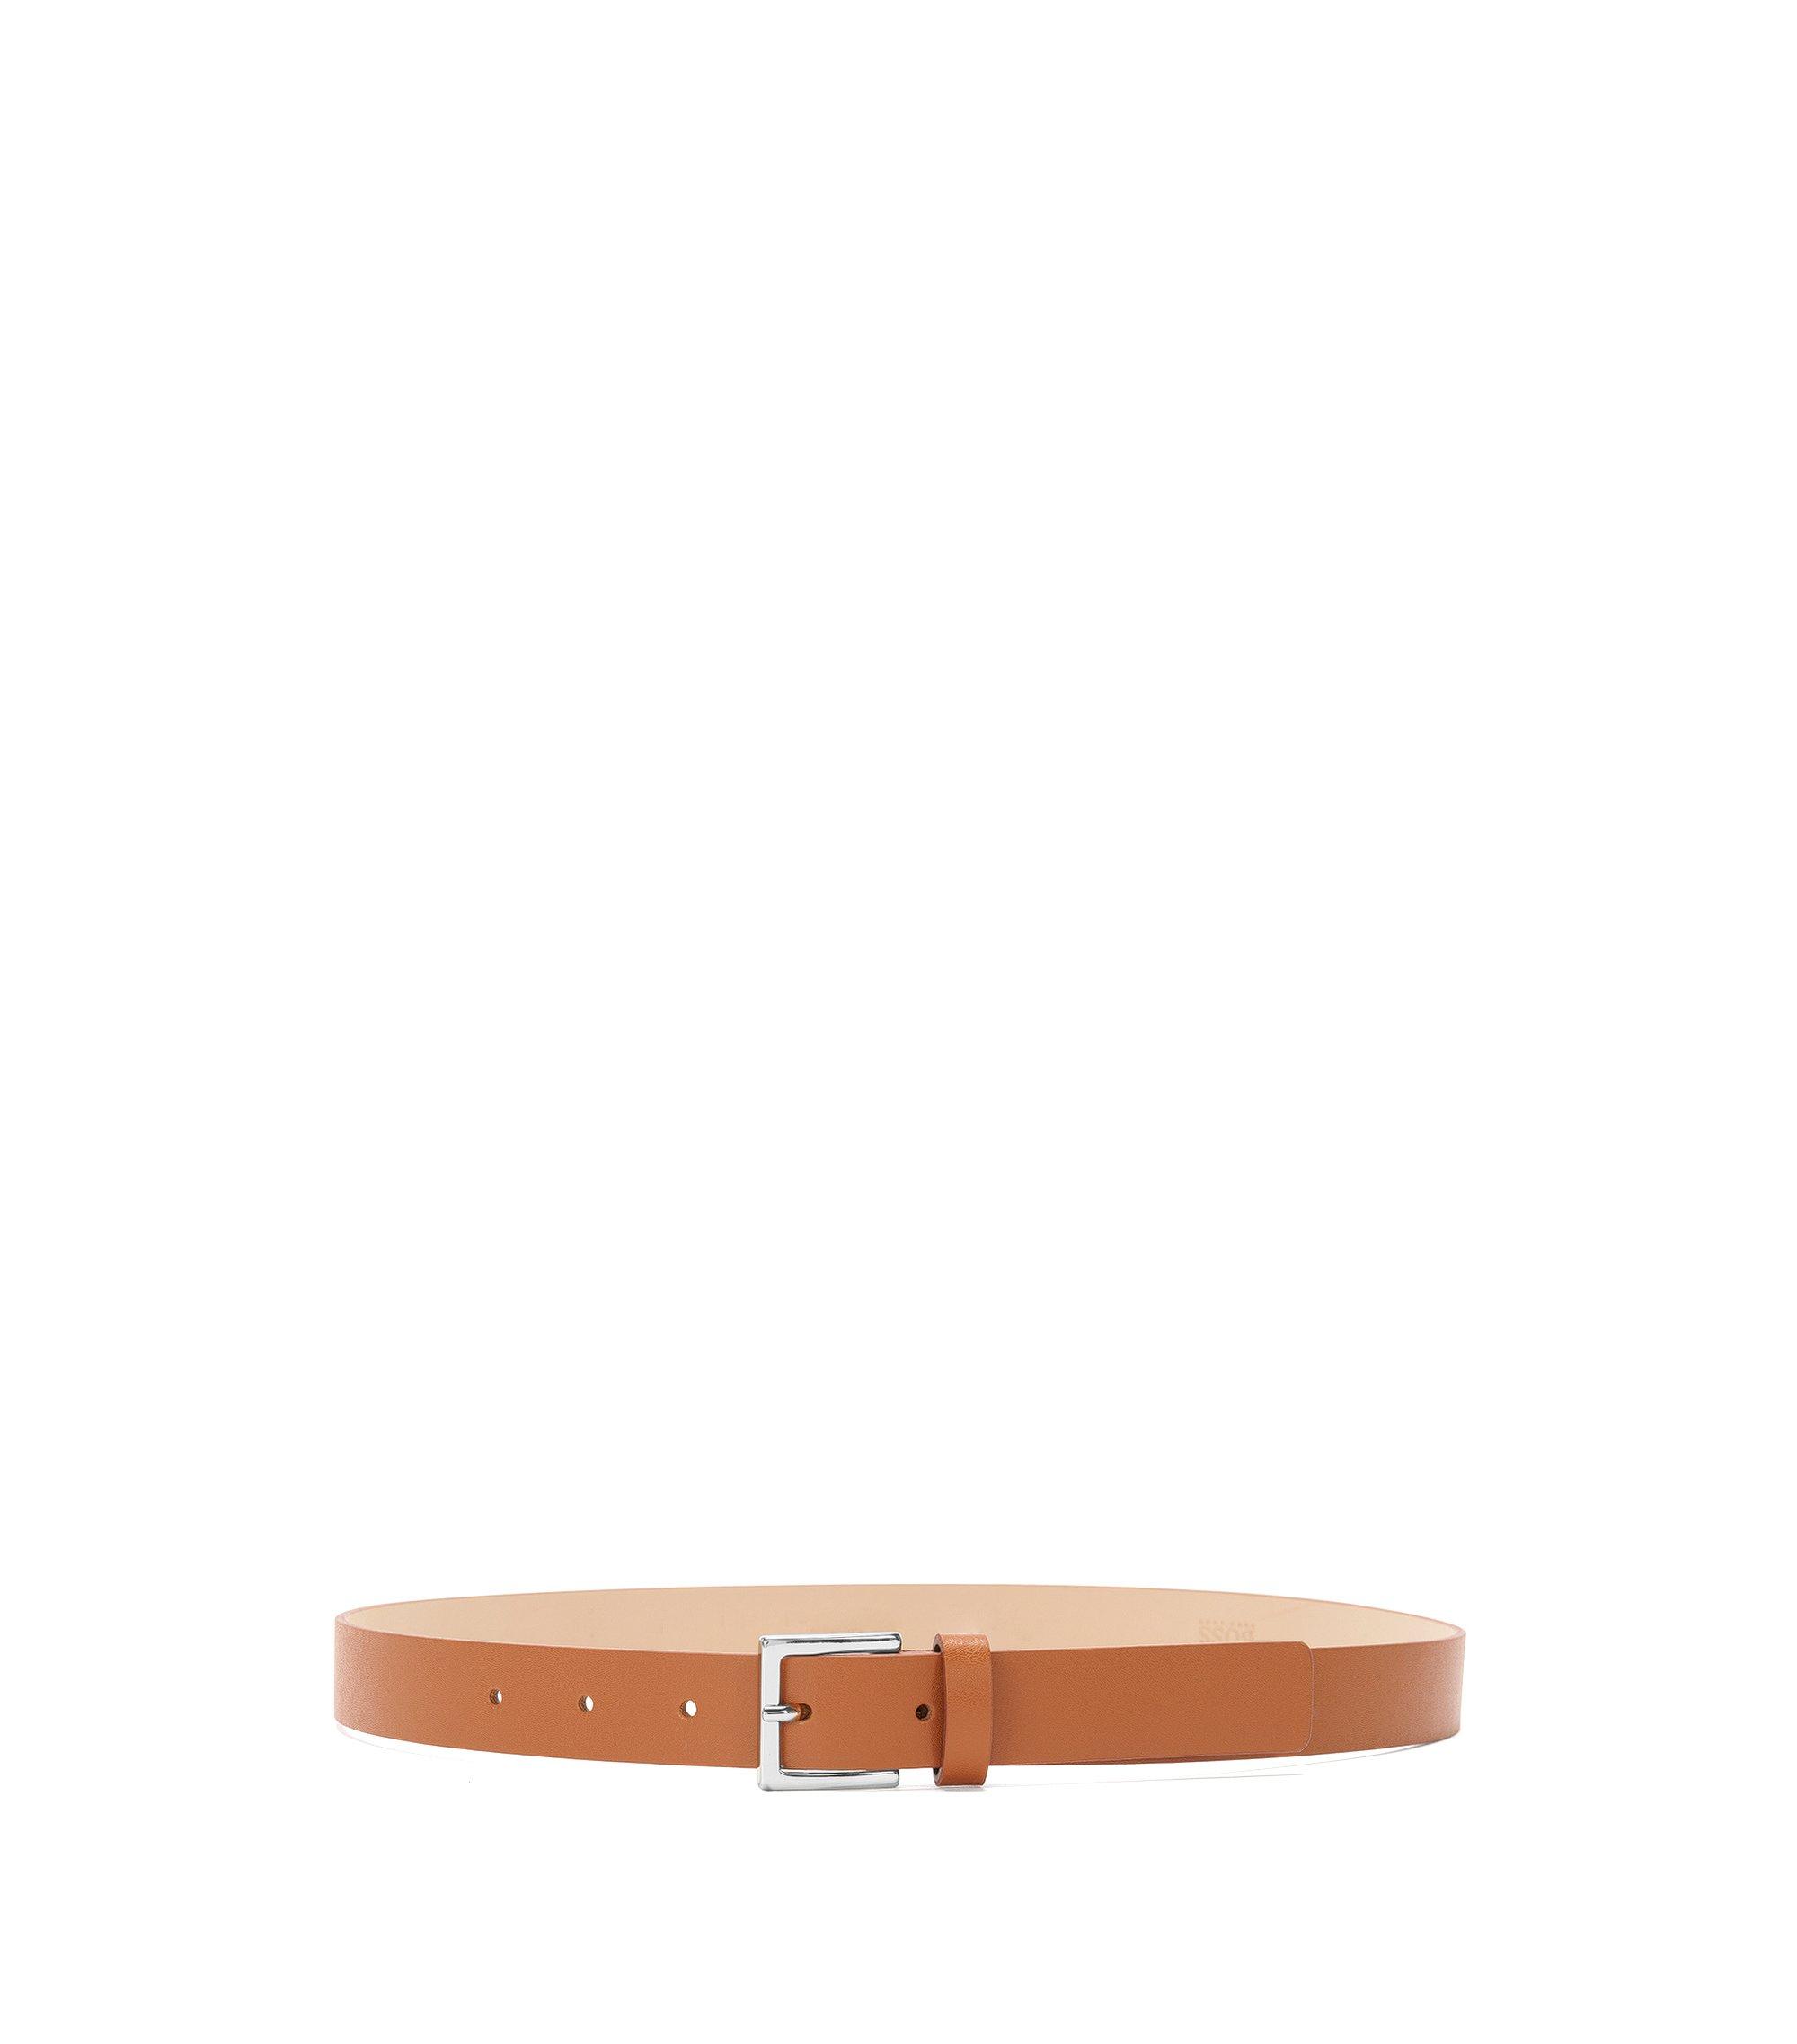 Leather Skinny Belt | Brede, Brown